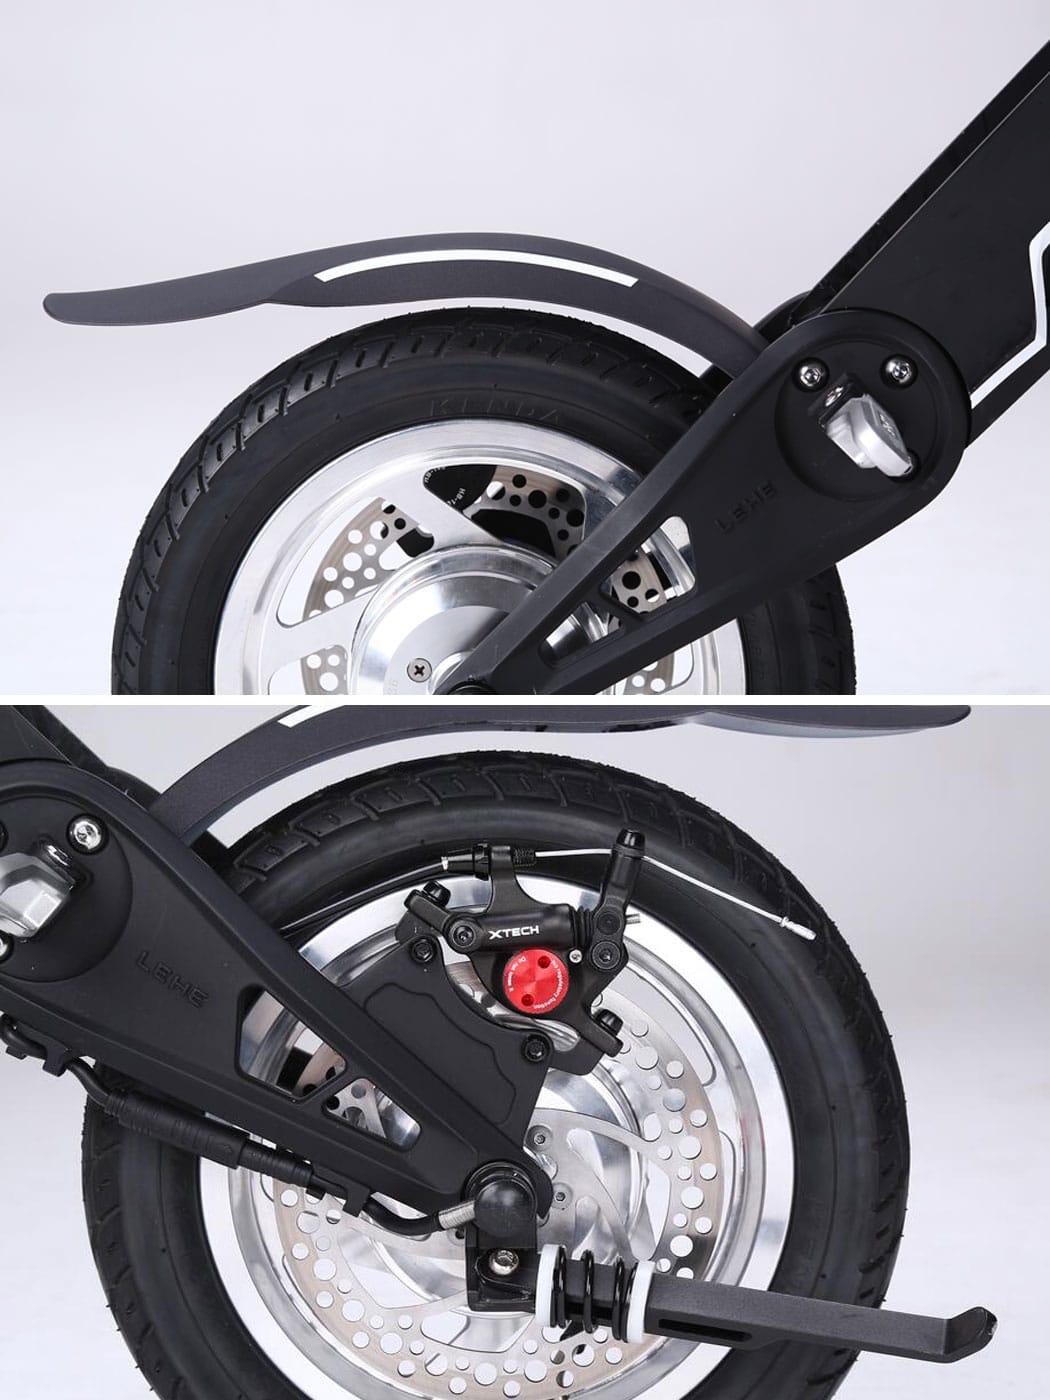 lehe-k1-48v-mini-scooter-draisienne-20